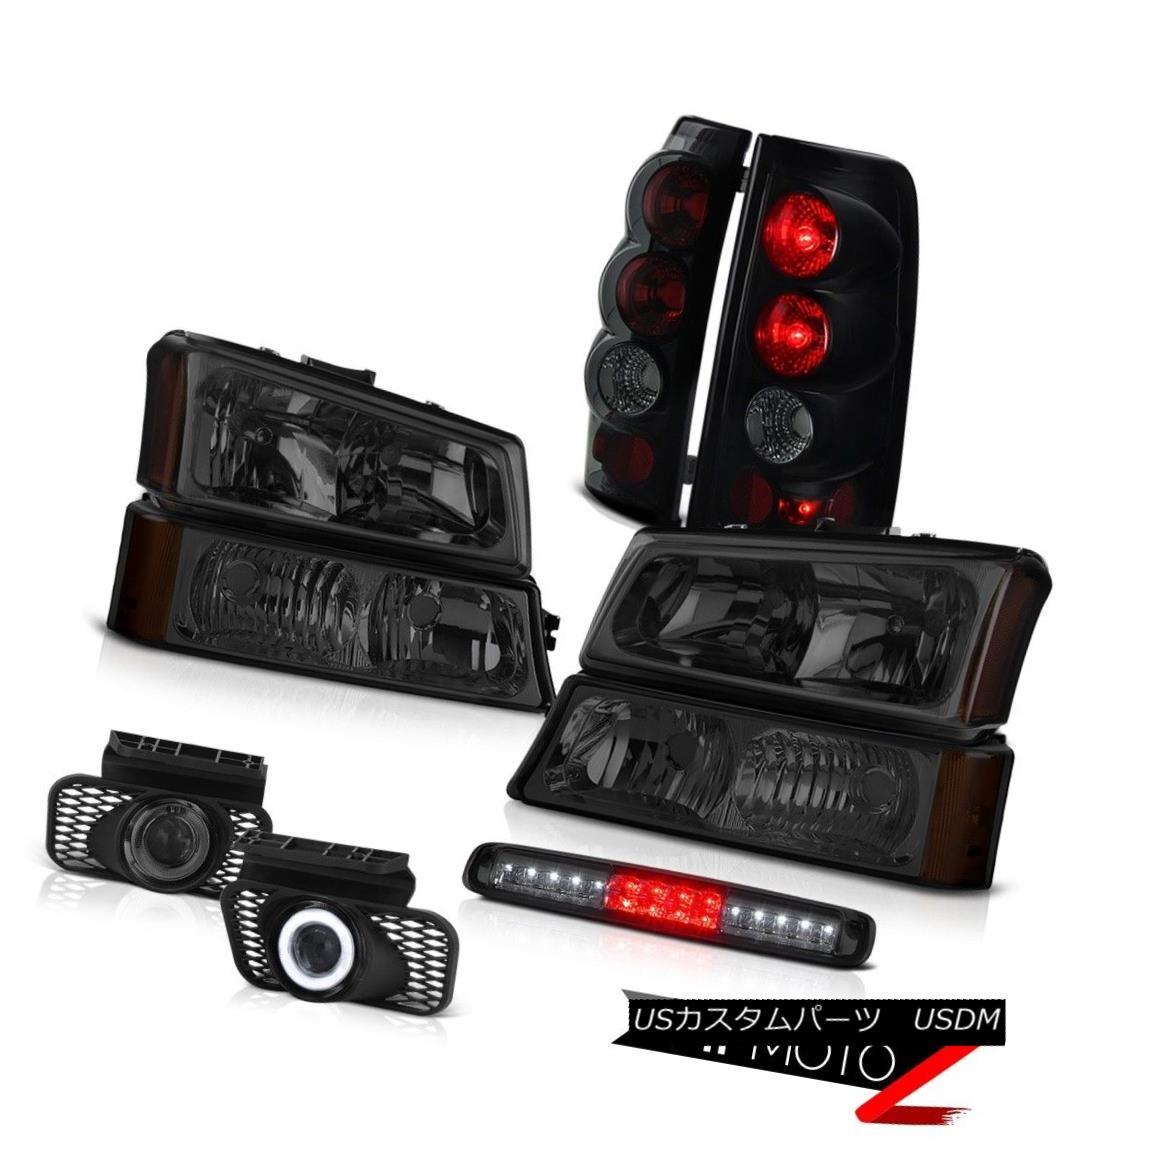 ヘッドライト 03 04 05 06 Silverado 1500 Parking Light Roof Cab Headlamps Foglights Tail Lamps 03 04 05 06 Silverado 1500駐車ライトライトルーフキャブヘッドランプフォグライトテールランプ